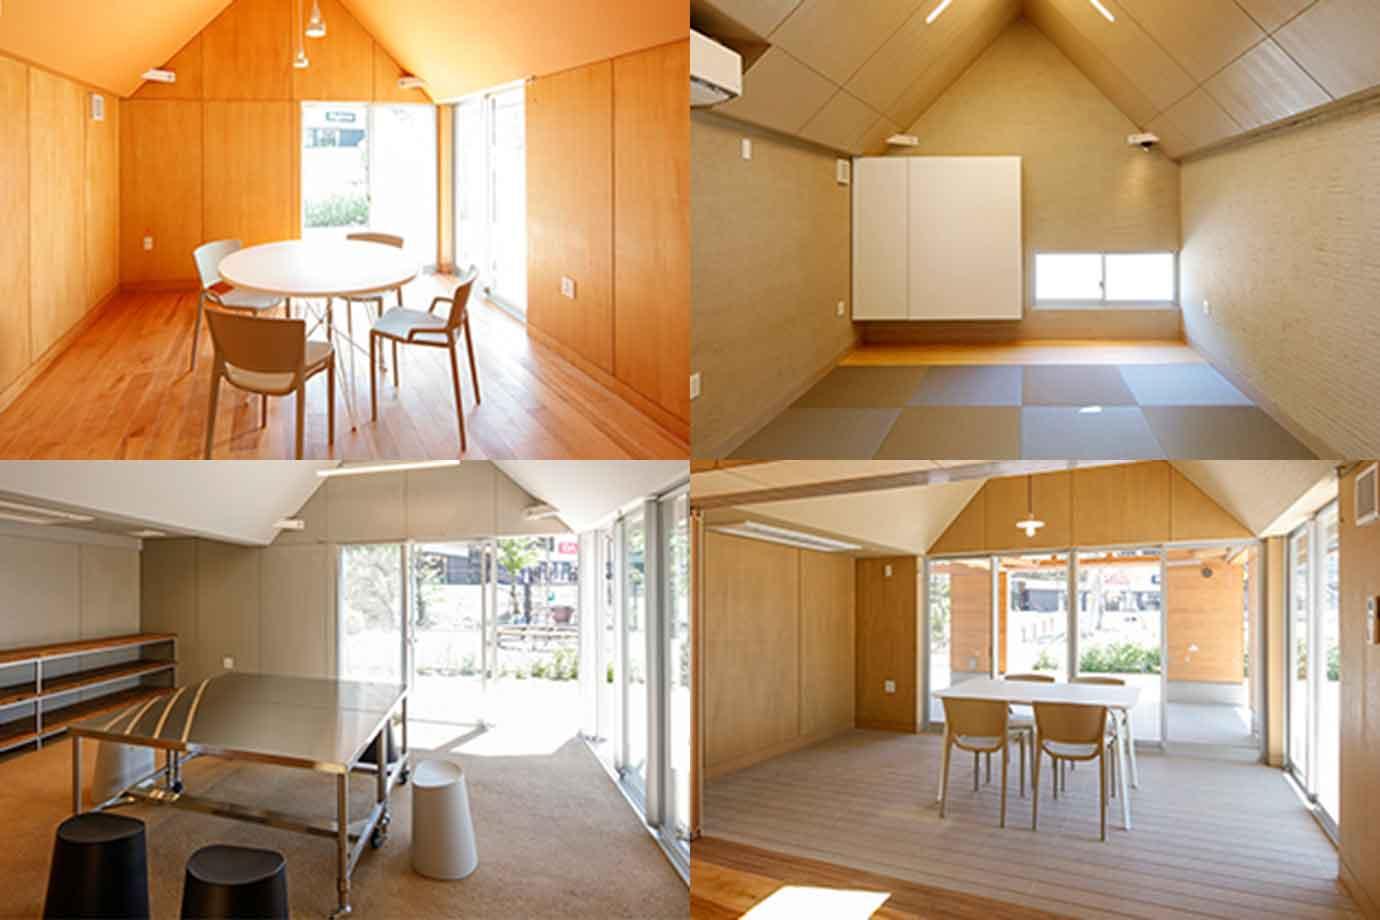 「大廊下」の両側には、広さや使い方の異なる小さな4つの貸し部屋がくっついています。サークル活動や会議など、有料で利用できます